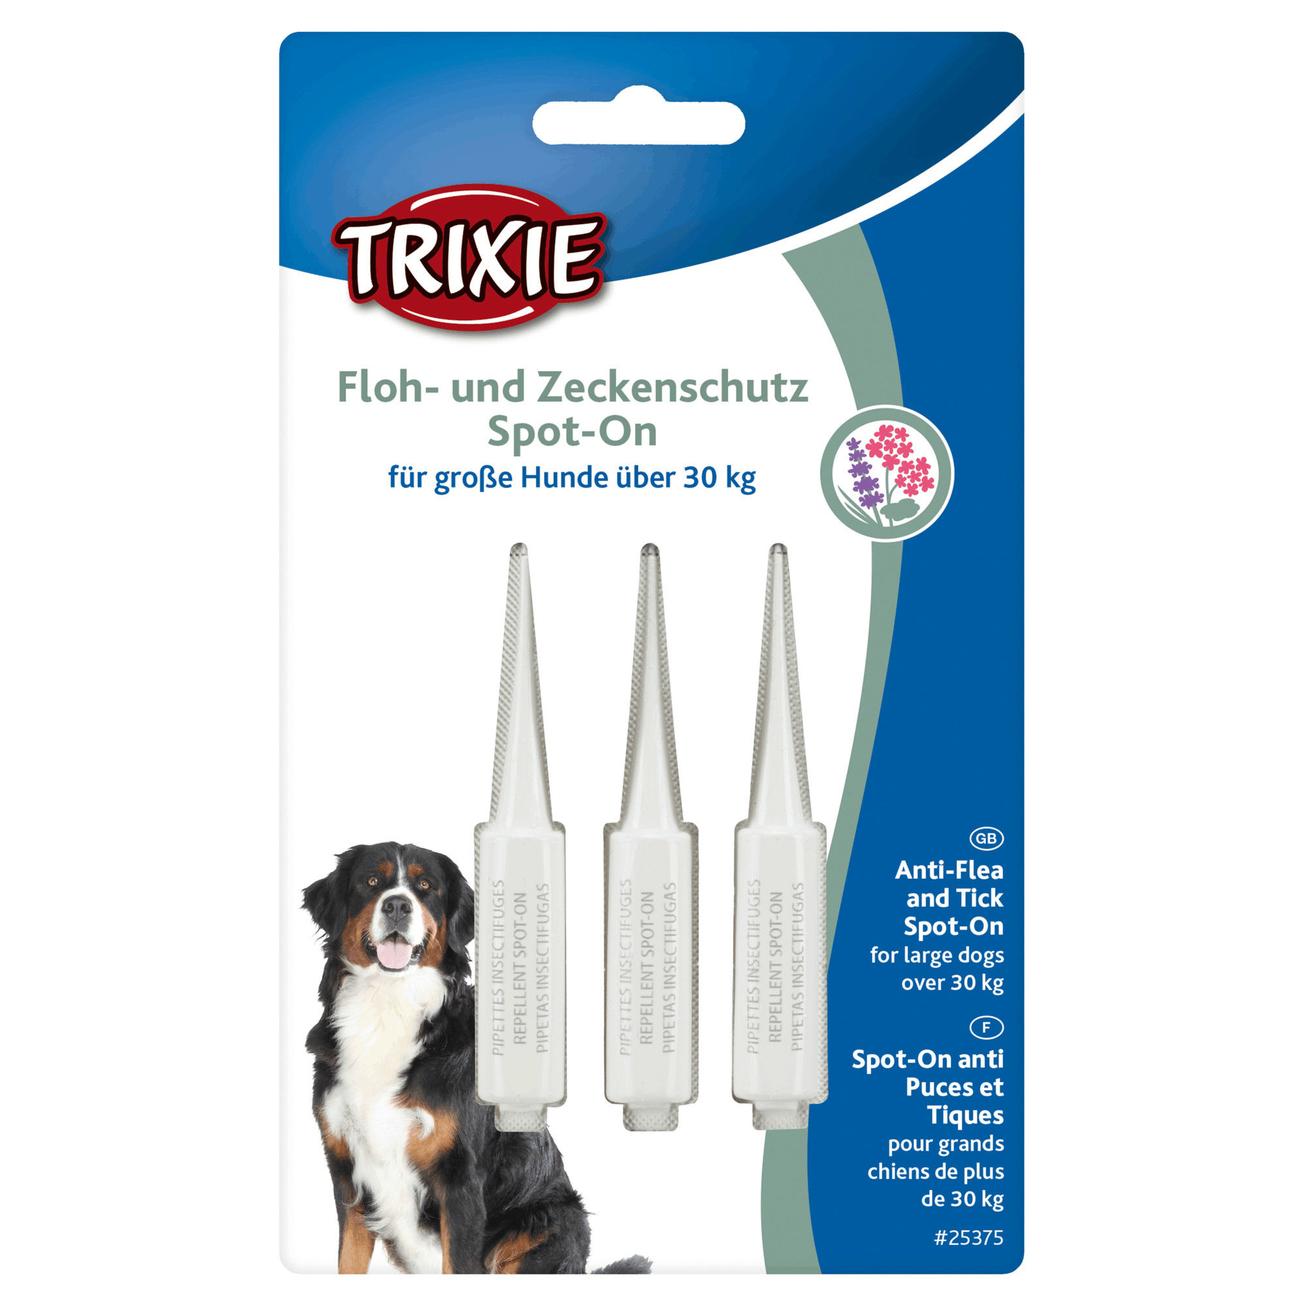 Trixie Flohschutz und Zeckenschutz Spot-On für Hunde 25377